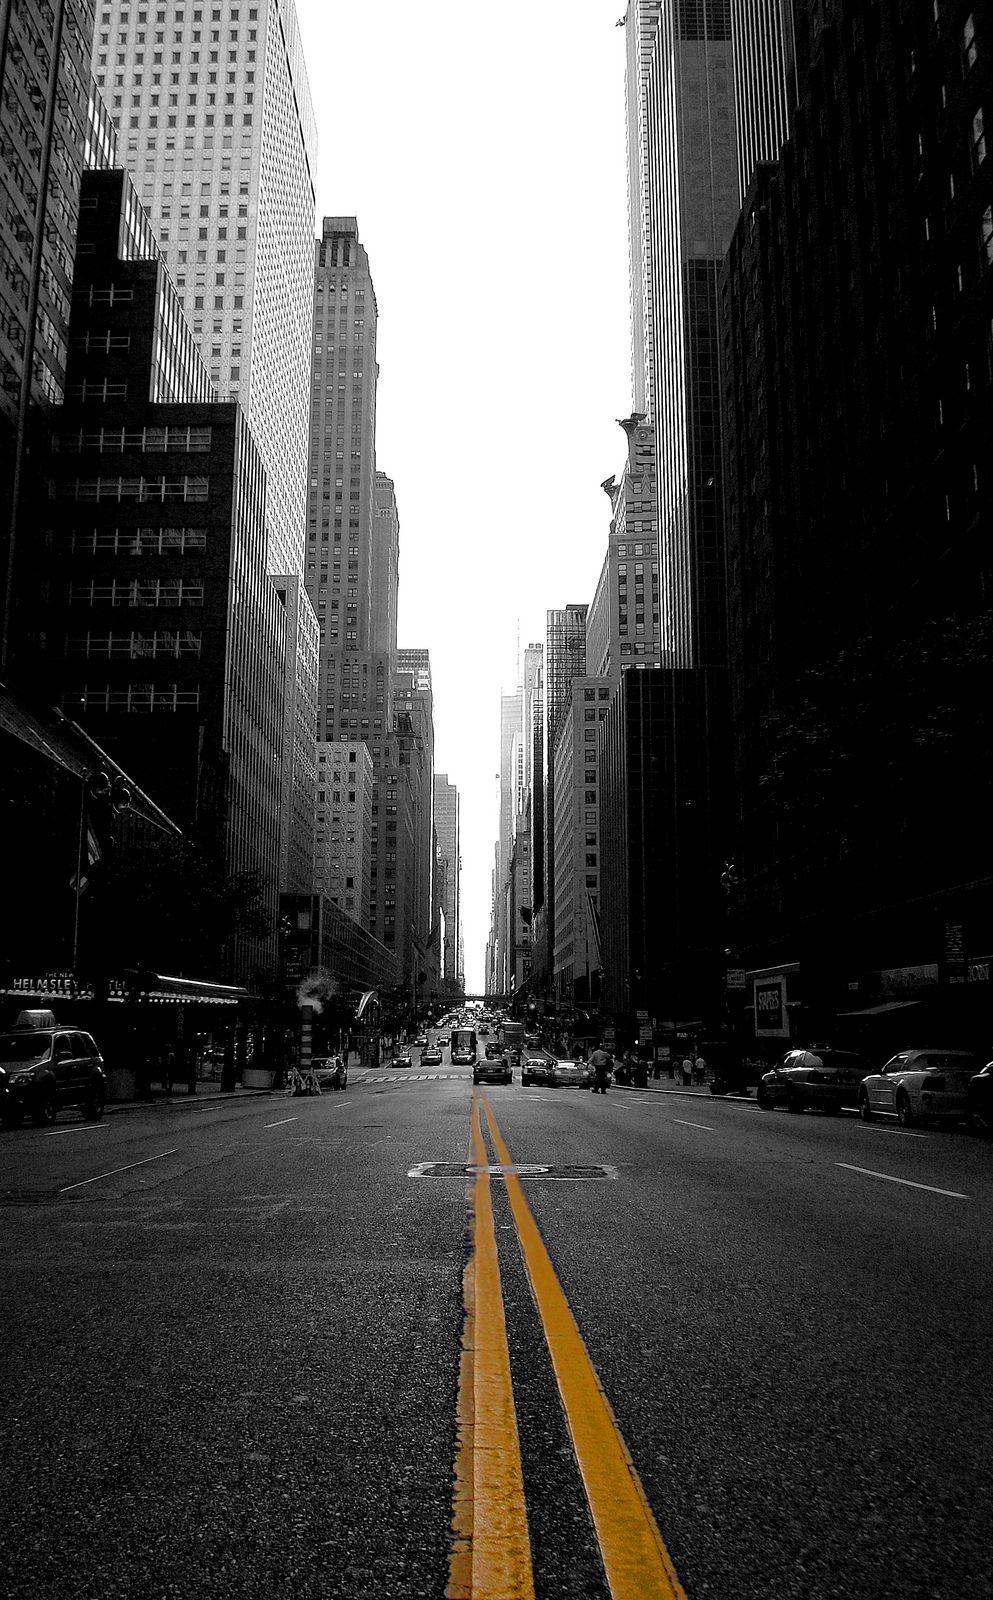 Pin von GUN auf NYC | Pinterest | Bilderrahmen, Jahreszeiten und Stadt